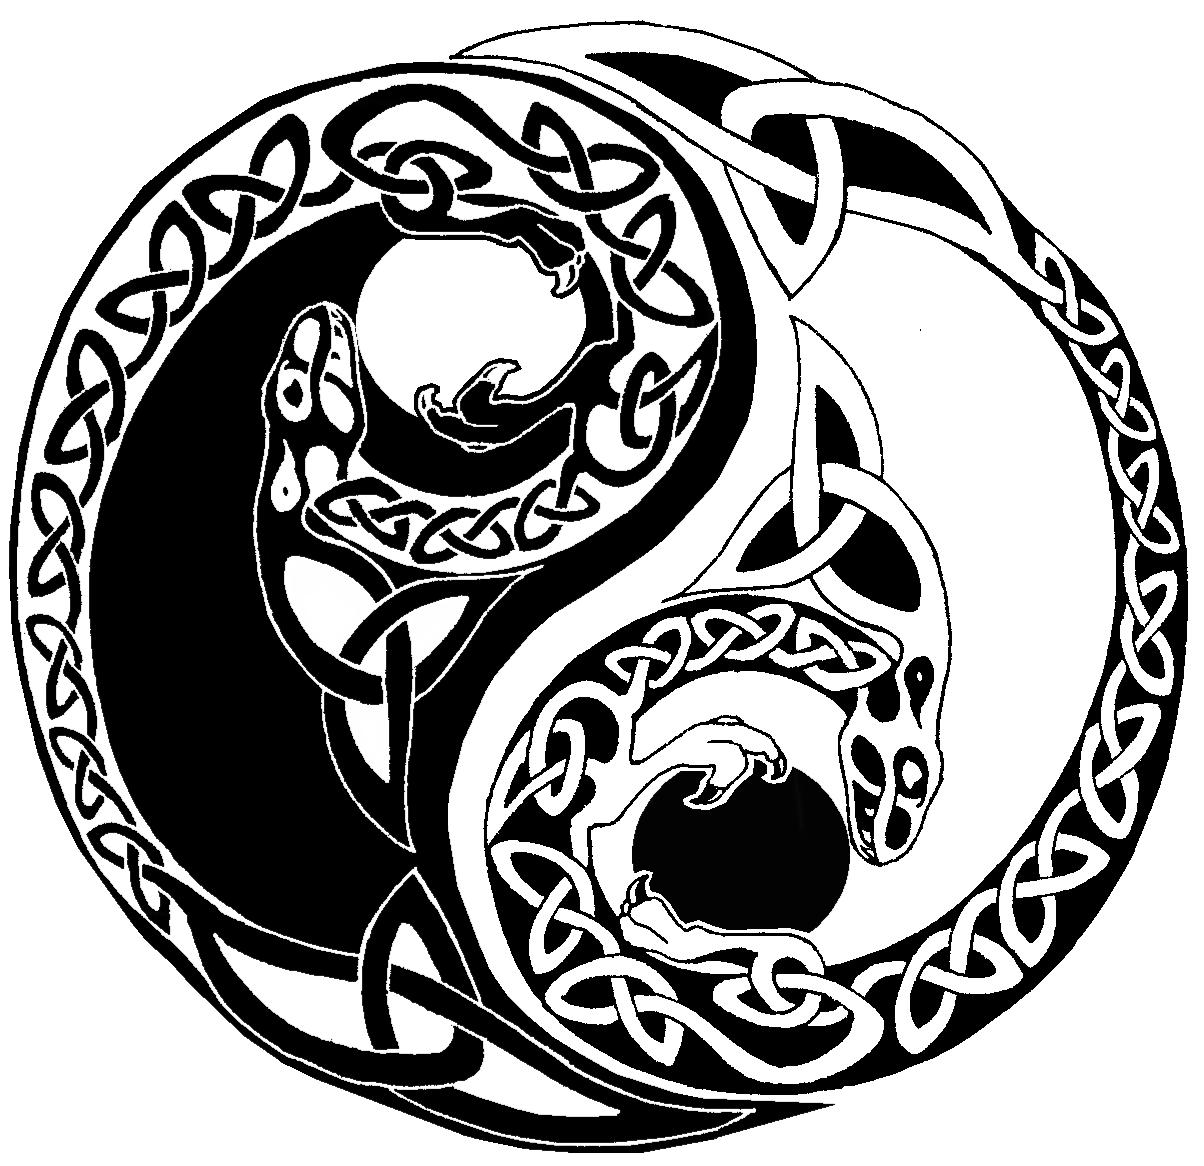 Taoism Symbols Dragon: Yin Yang, Yin And Yang And Symbols